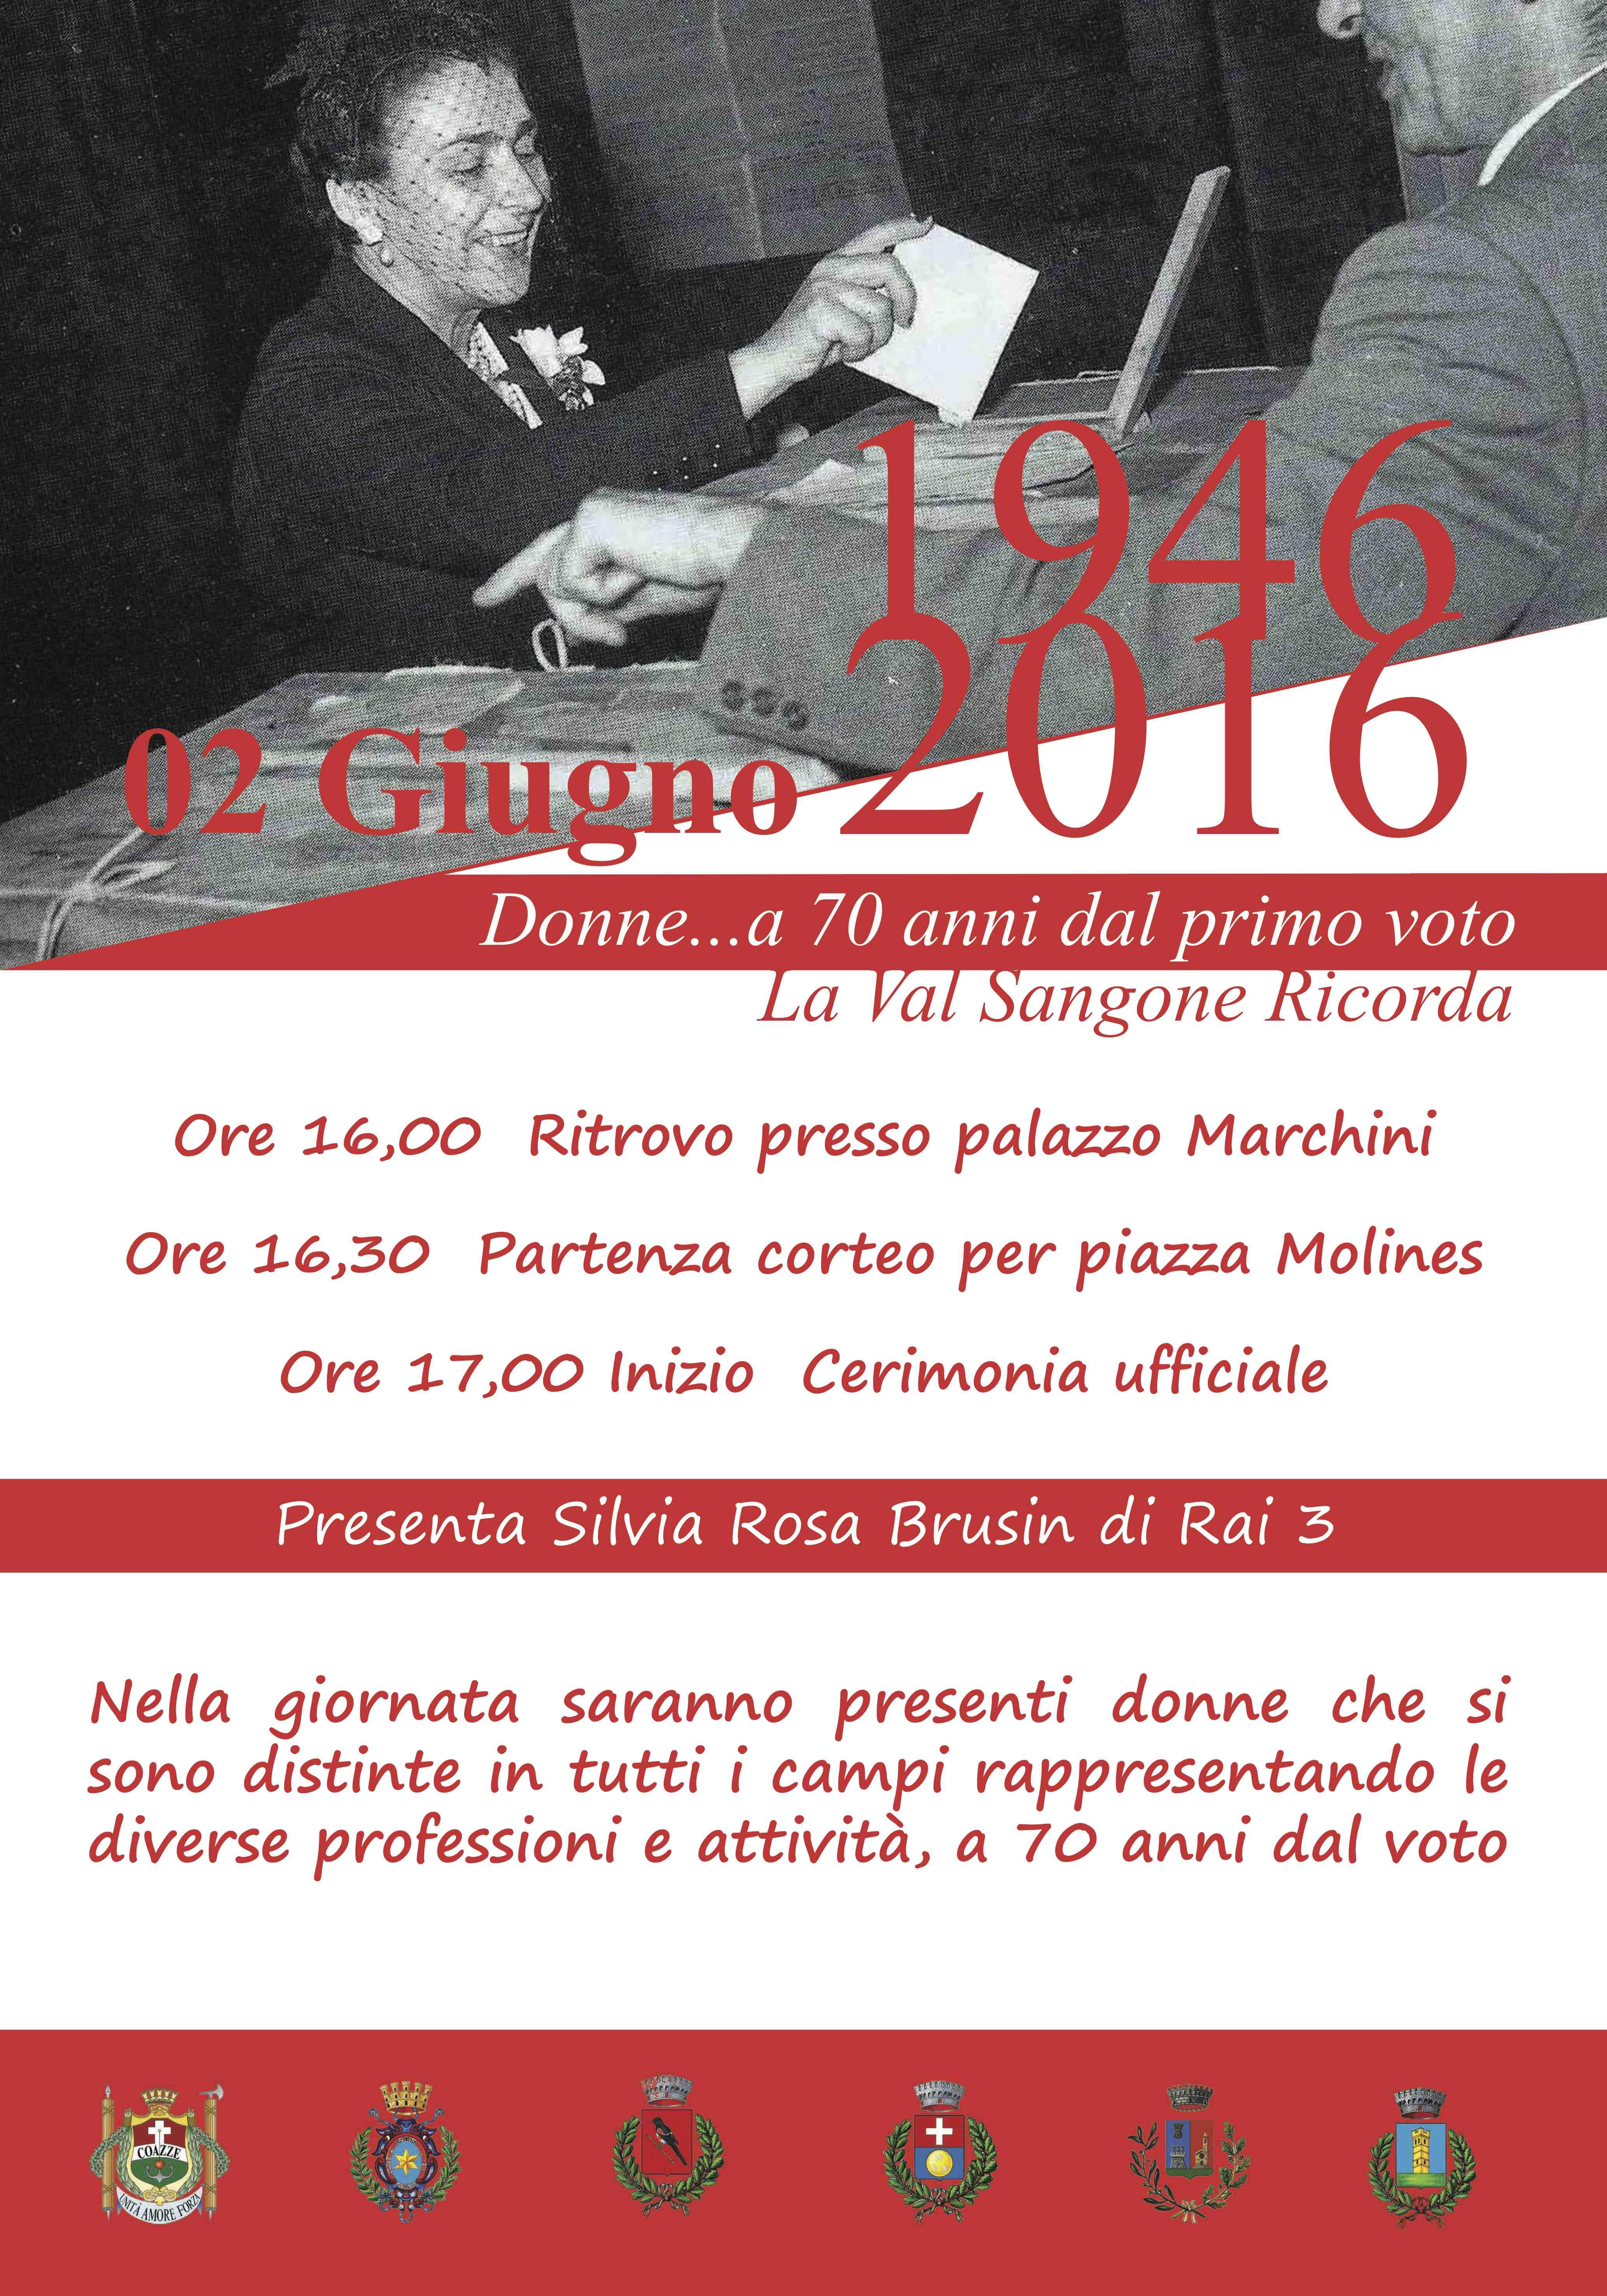 02 giugno 1946/2016 Donne…. a 70 anni dal primo voto La Val Sangone Ricorda